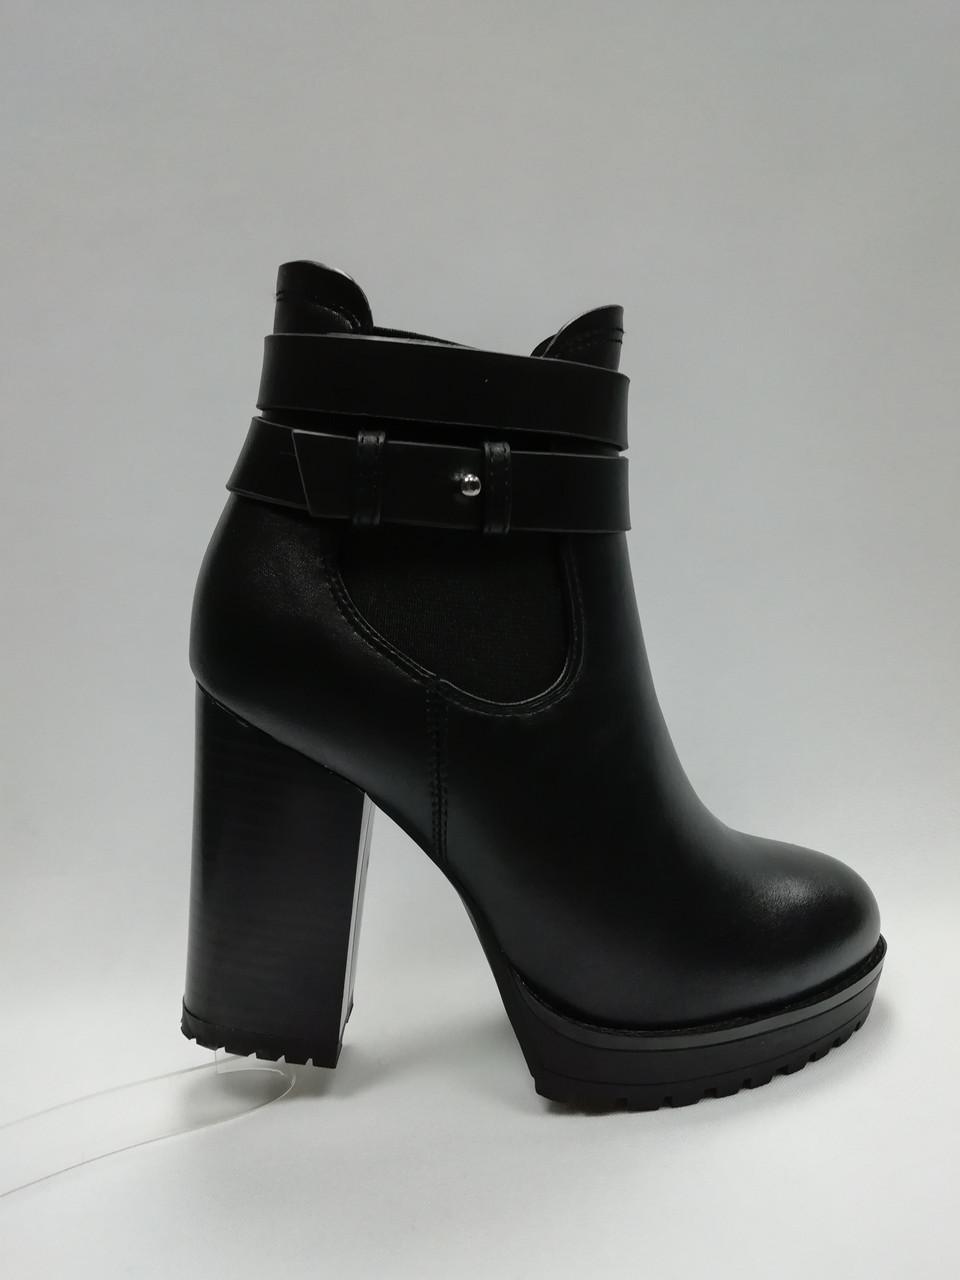 Черные ботинки из эко-кожи. Ботильоны. Маленькие размеры (33 - 35).